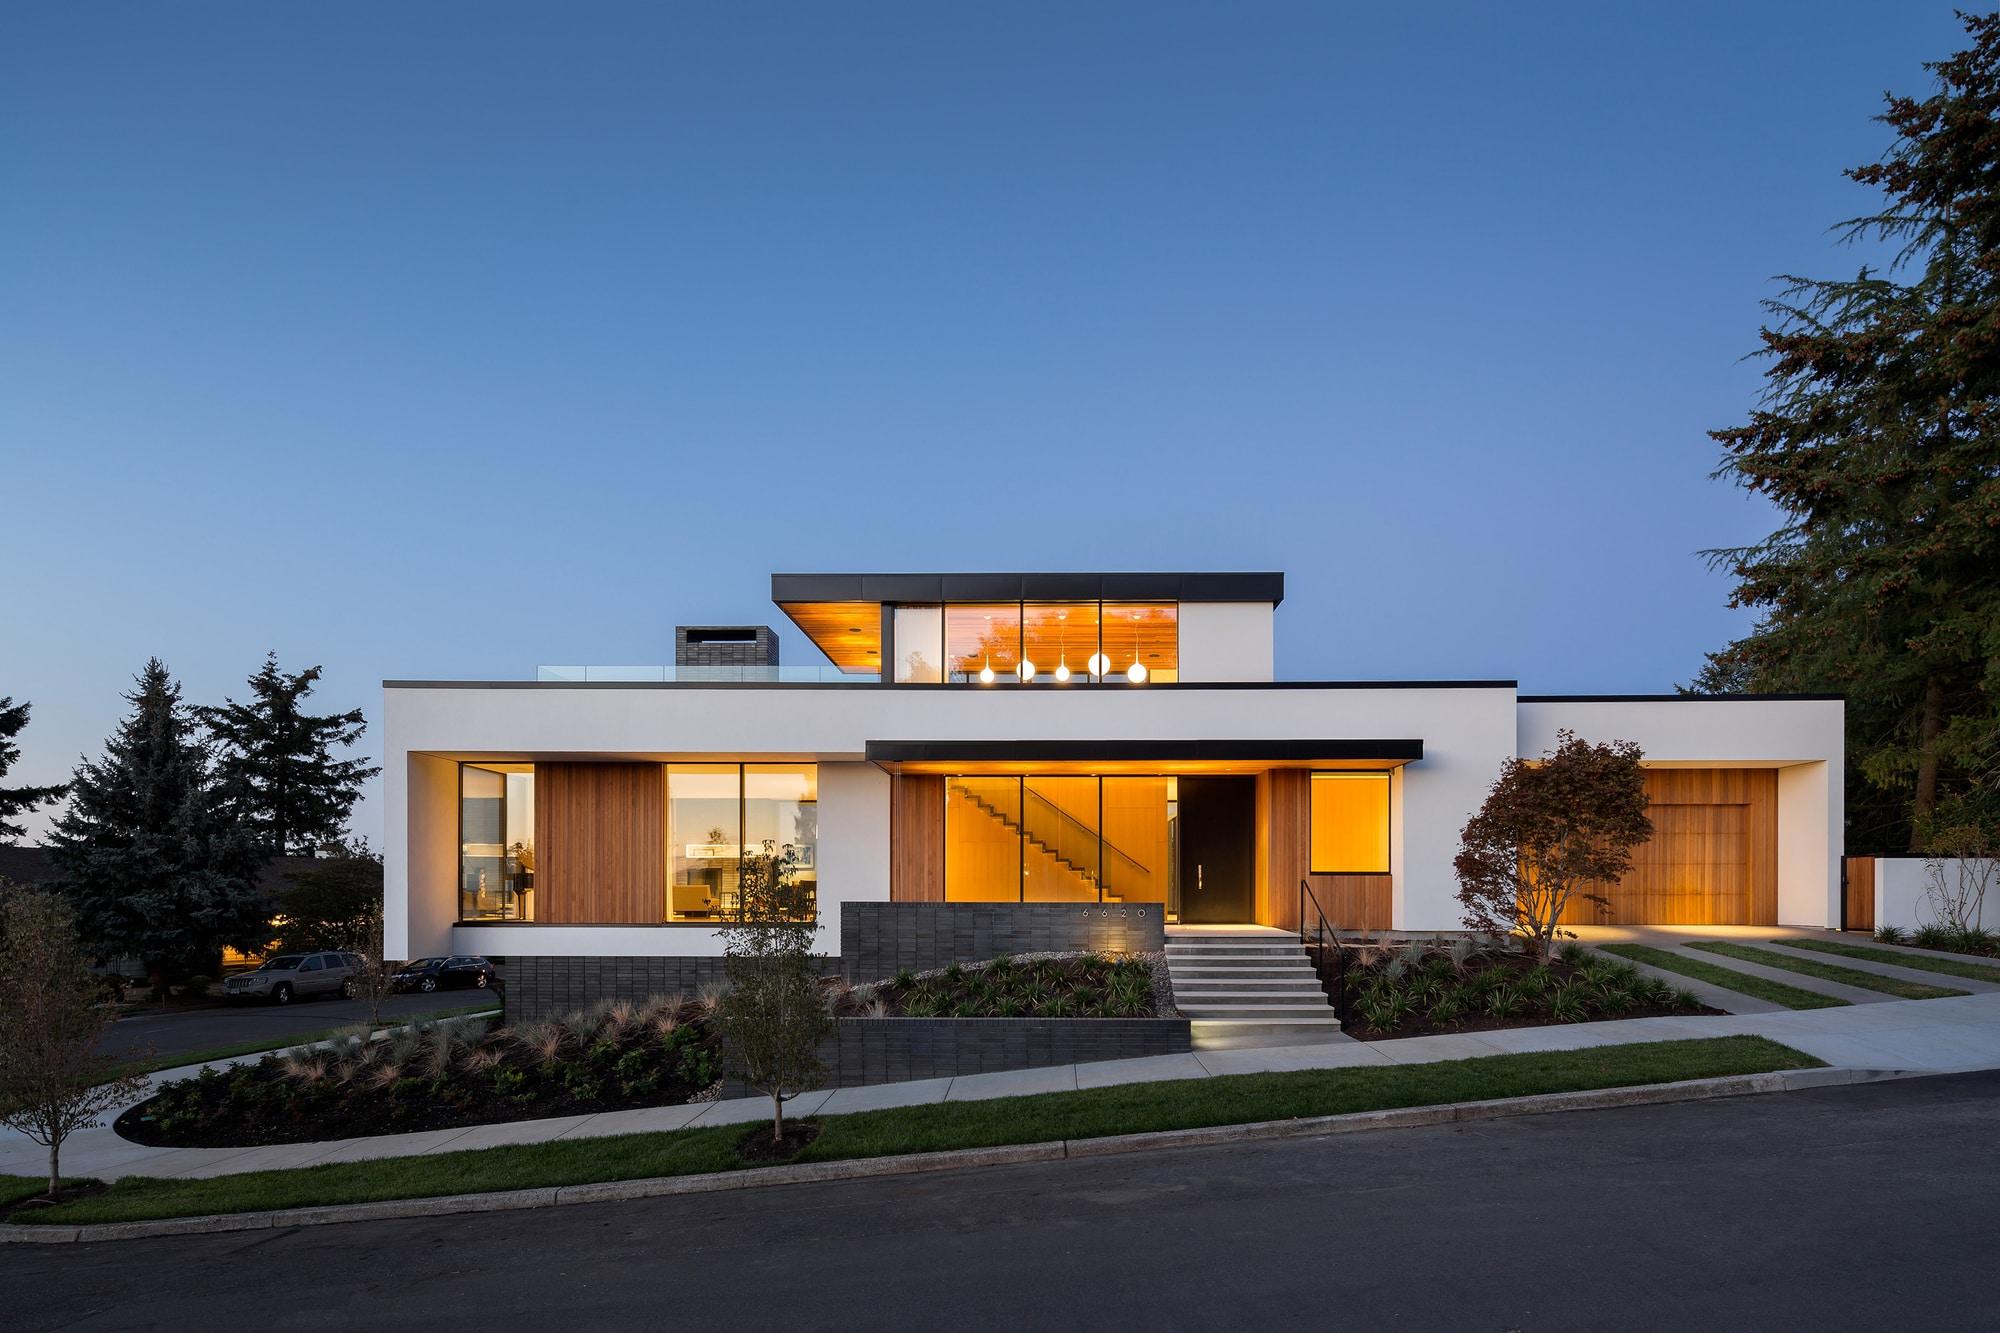 Dise o de casa de un piso moderna planos Planos interiores de casas modernas